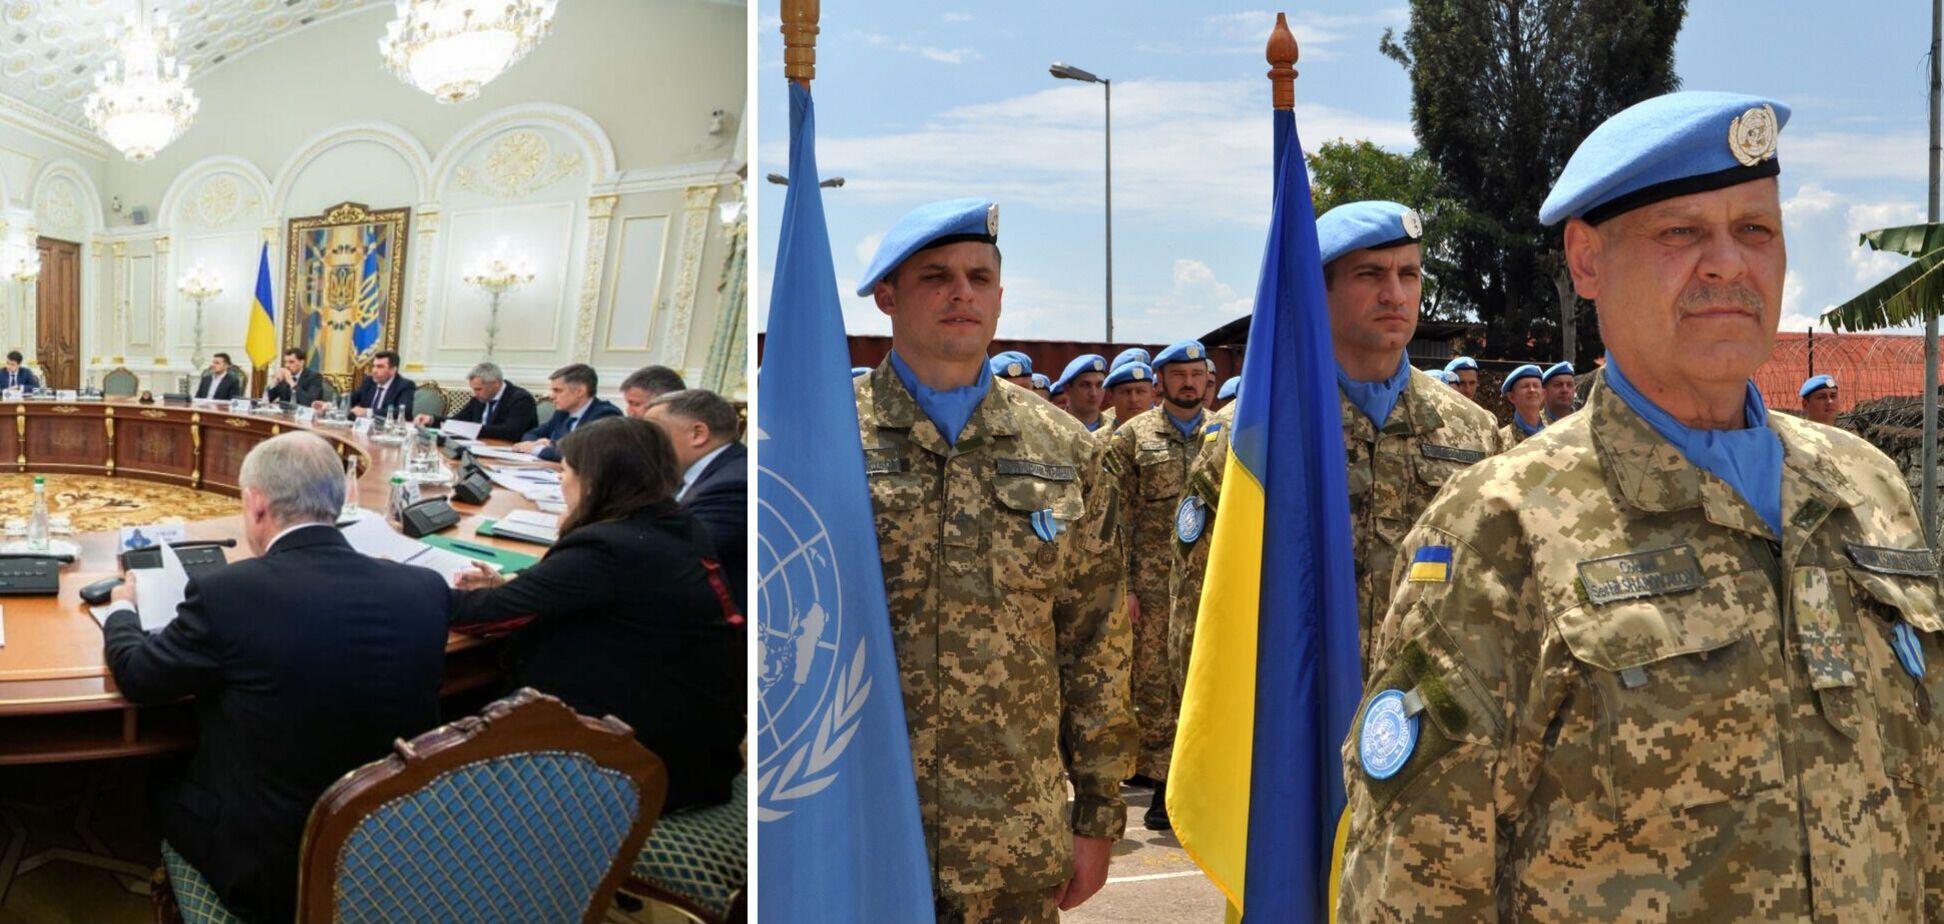 Украина увеличит контингент в Конго: в СНБО назвали цель